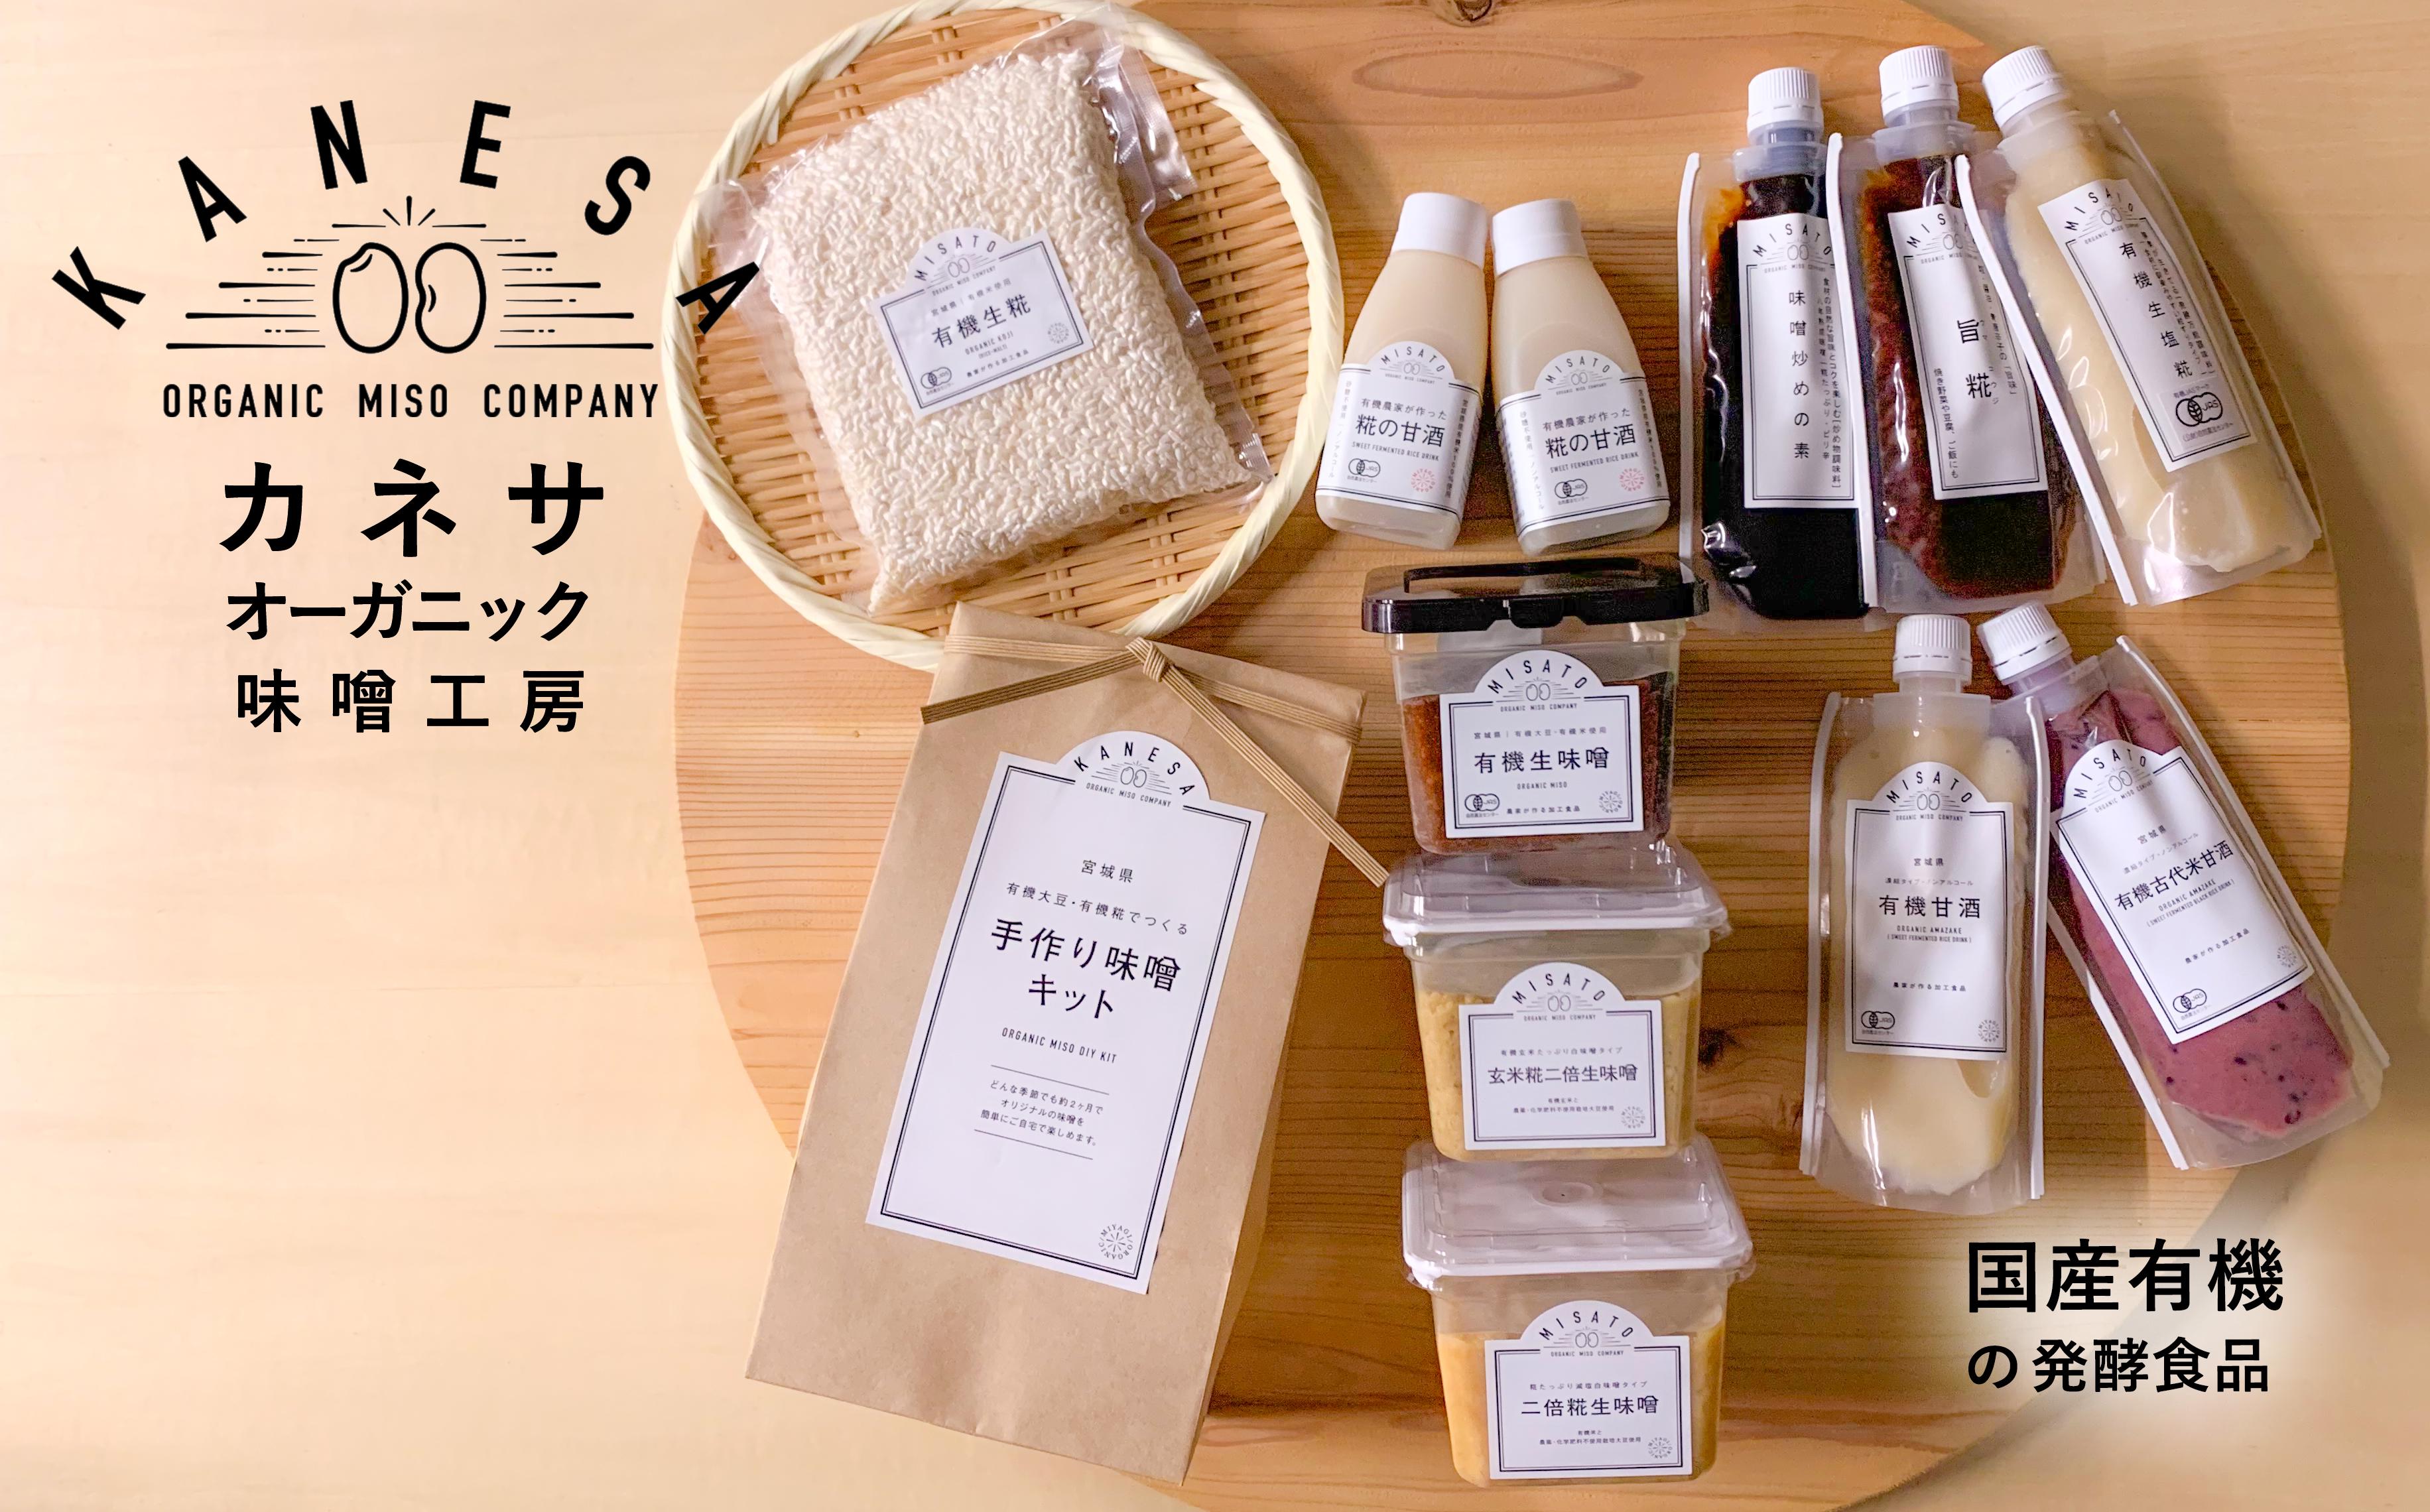 【国産有機の発酵食品】 カネサオーガニック味噌工房